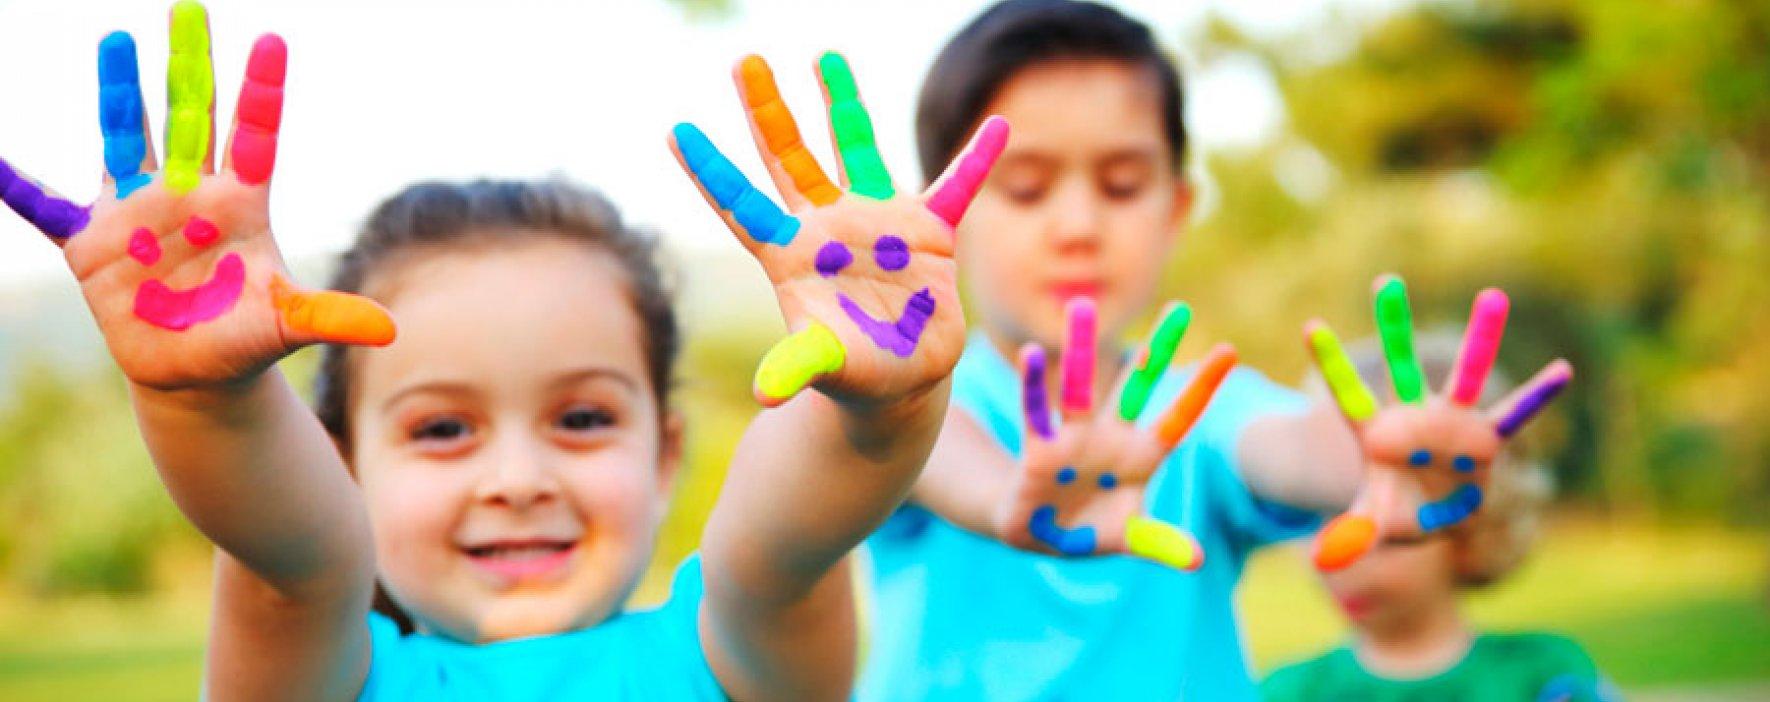 'Escuelas de paz', una estrategia que comienza a tomar forma